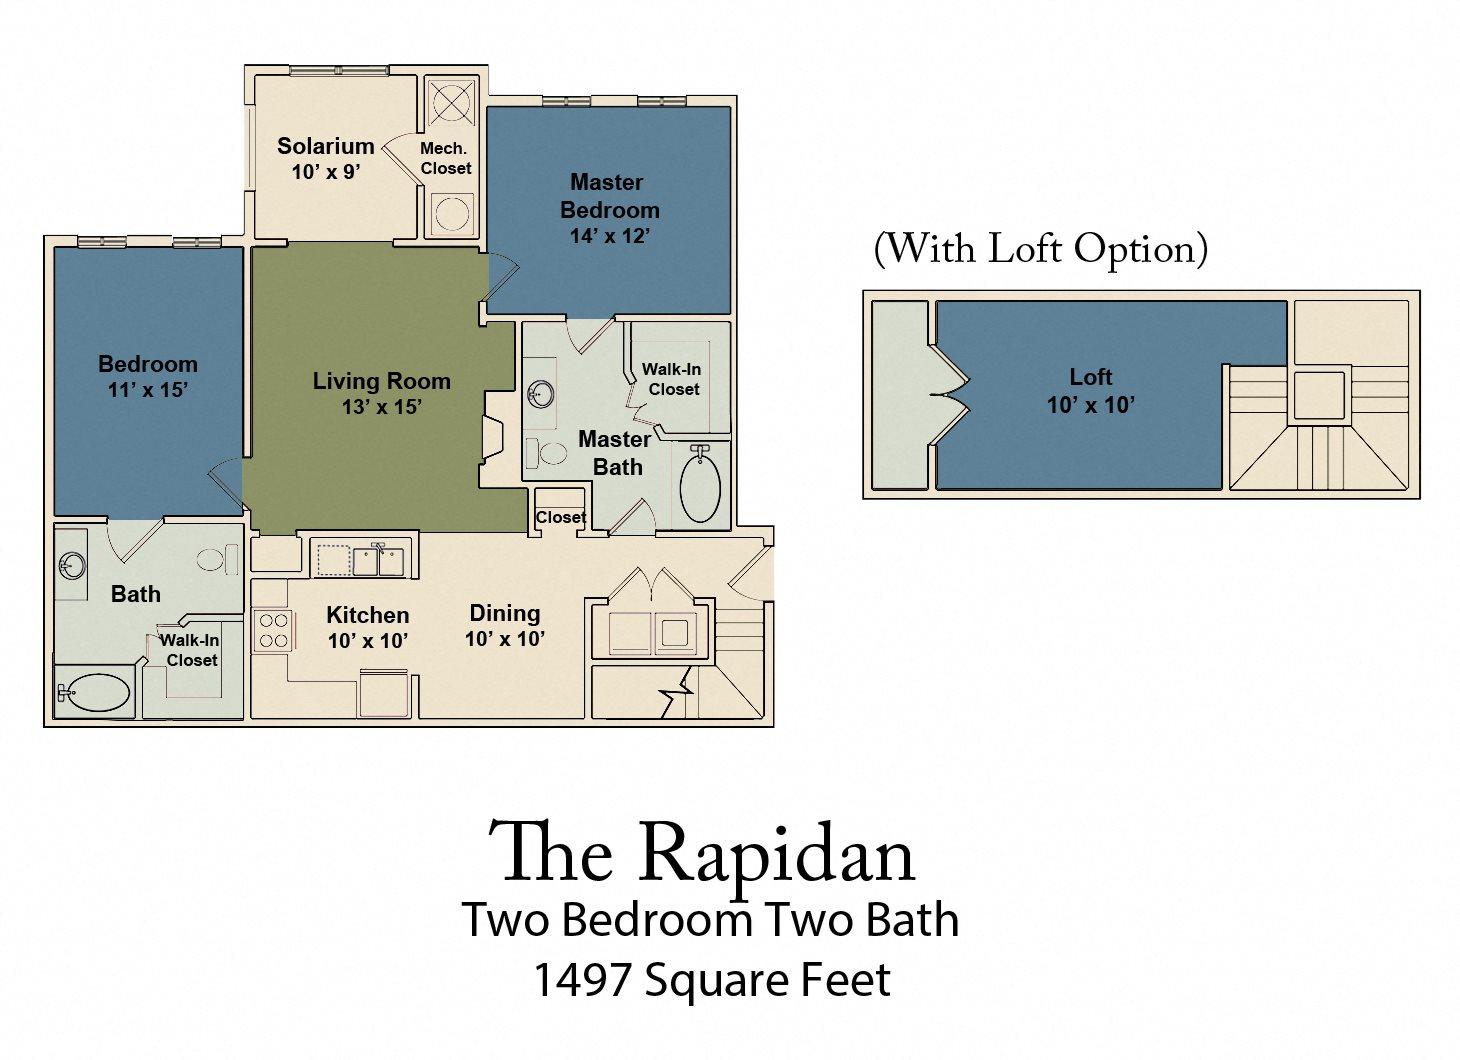 The Rapidan Floor Plan 6